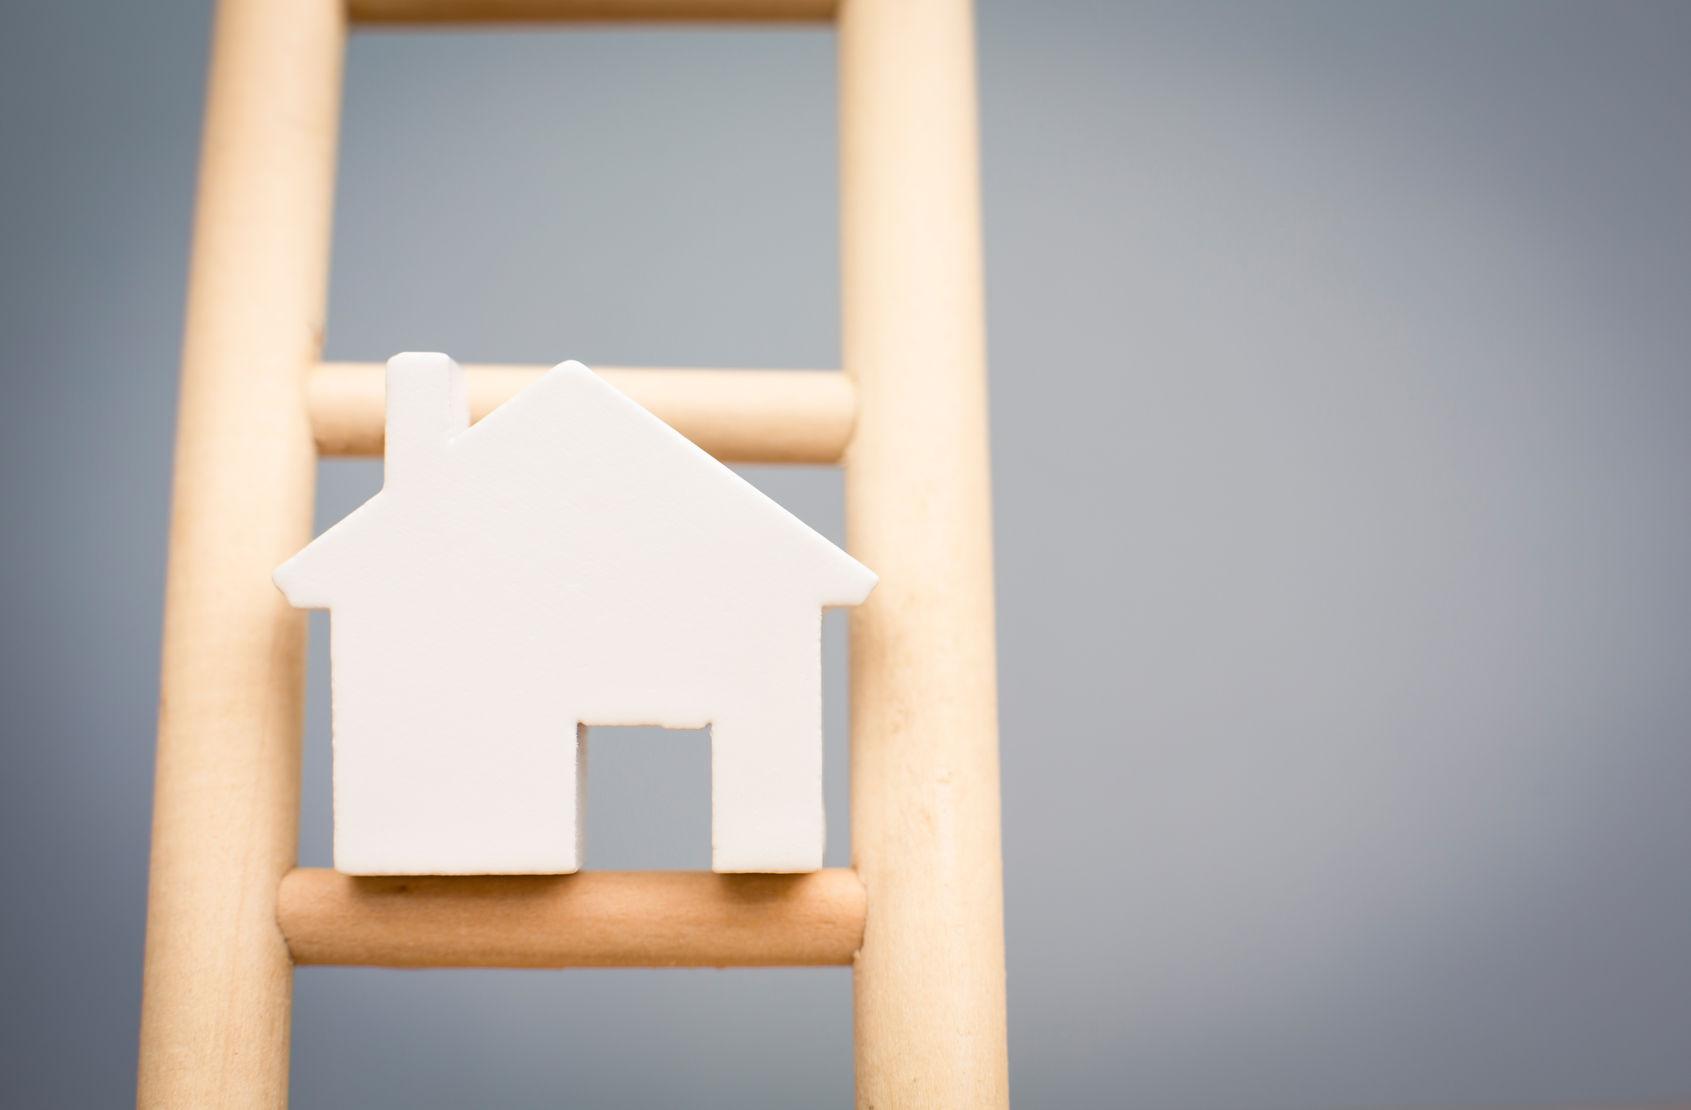 property-ladder.jpg